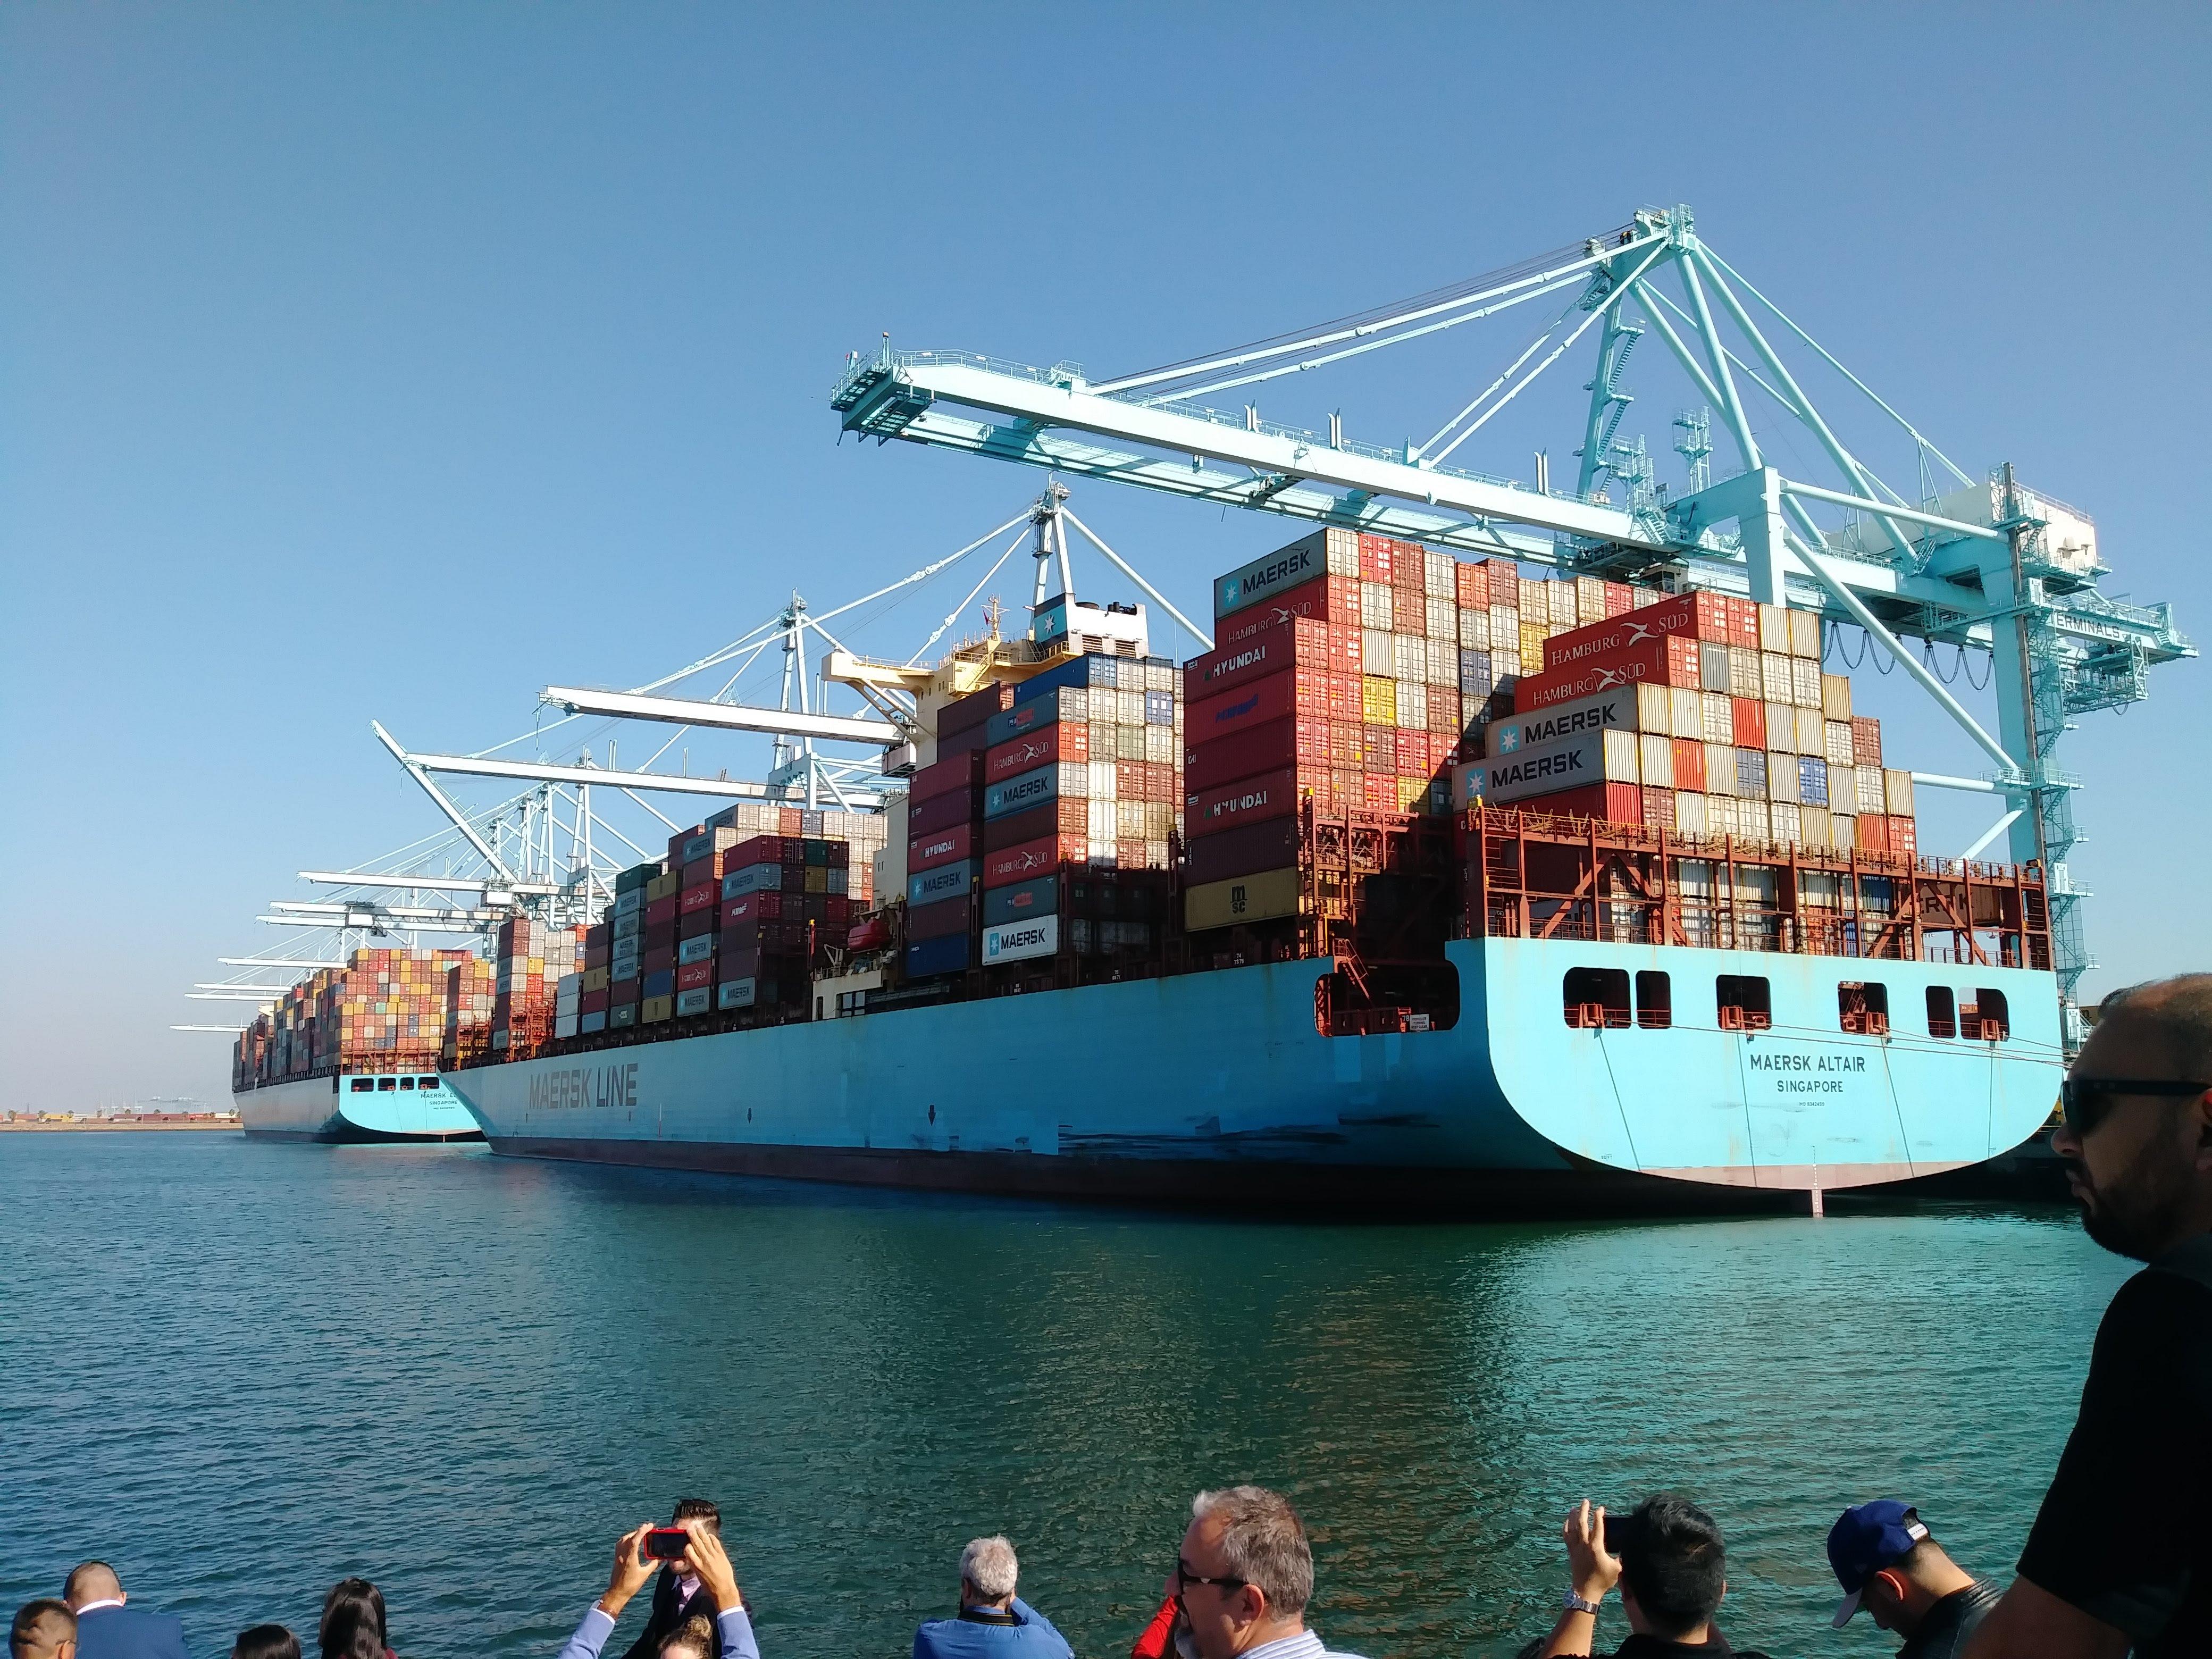 デンマークに本社があるMAERSKのコンテナ船。